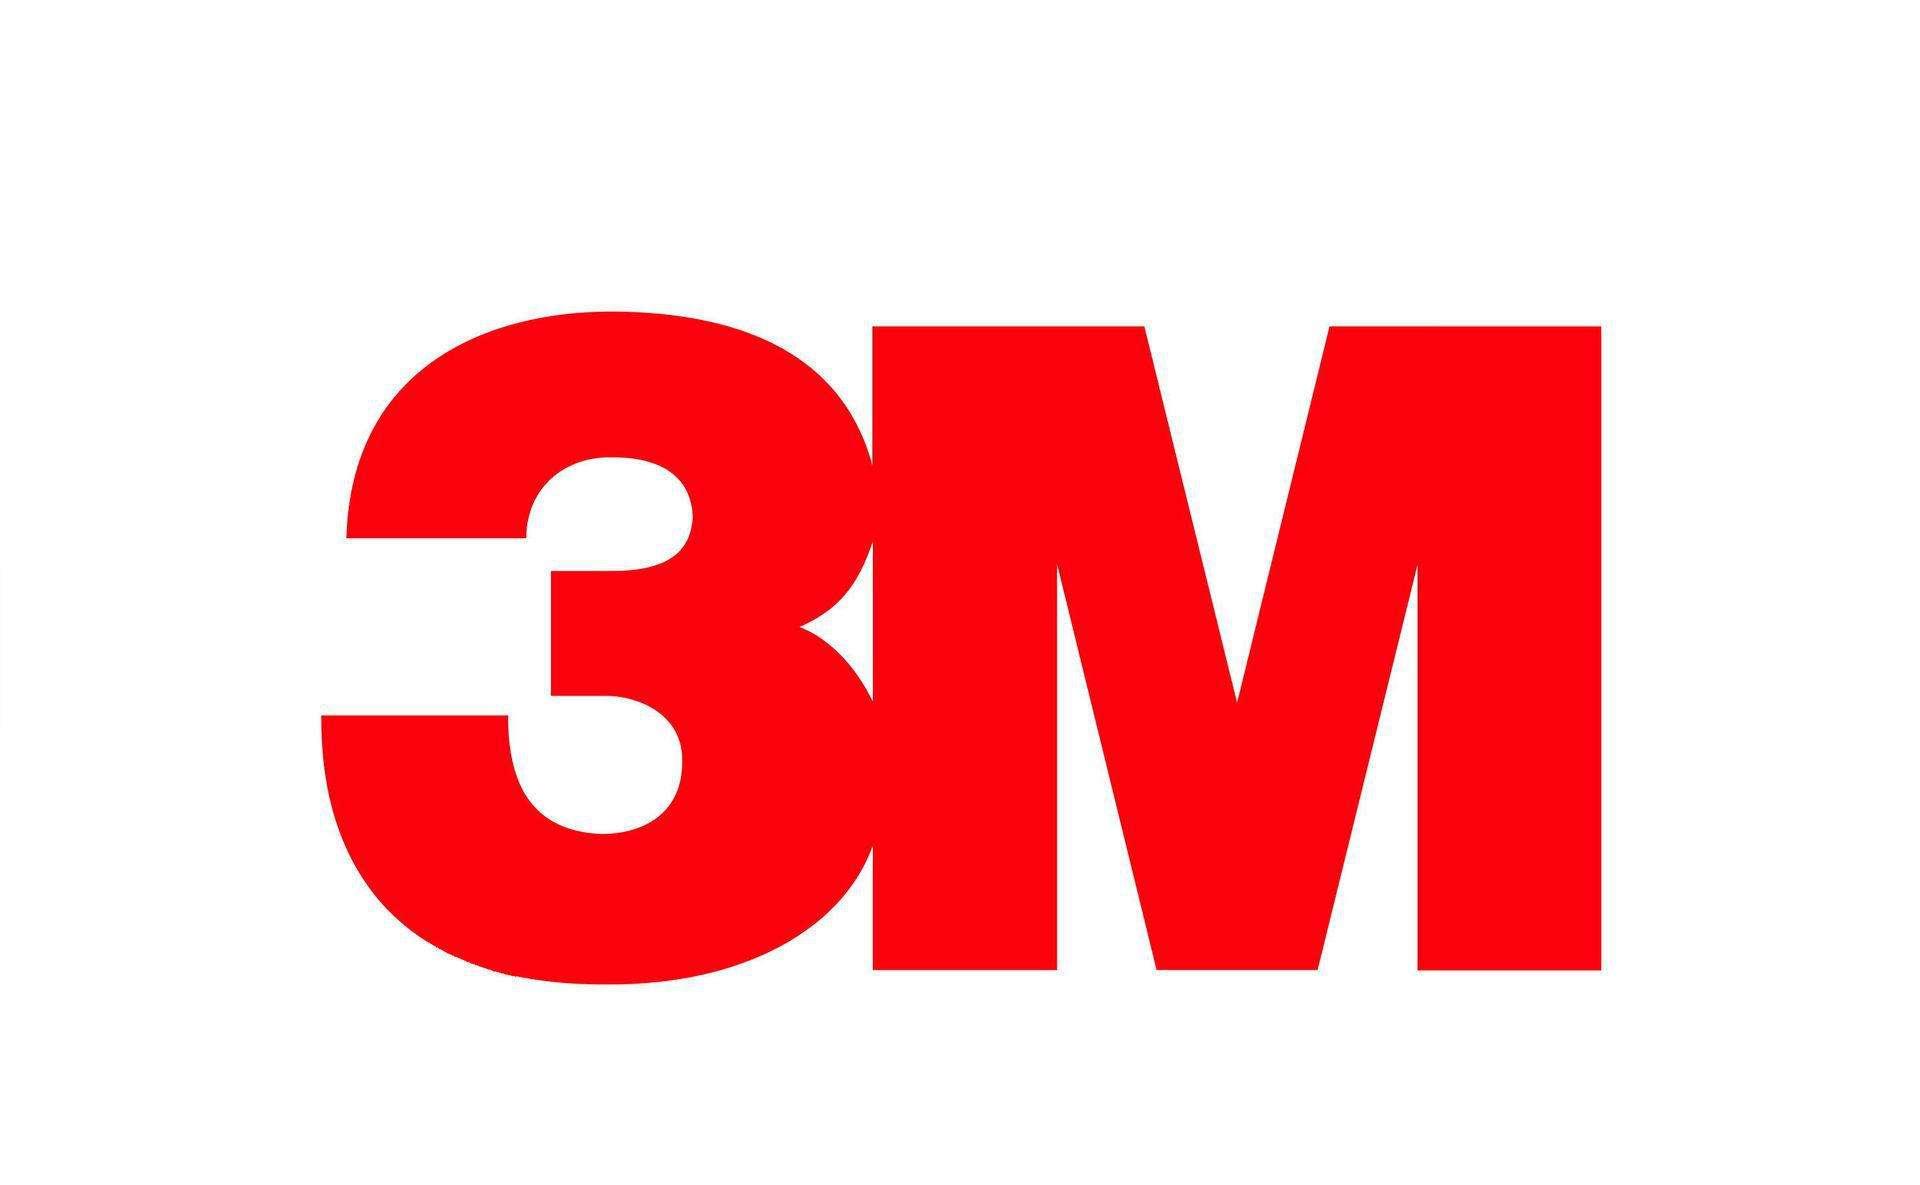 珠联璧合3M共襄盛举--3M压敏胶基础知识介绍